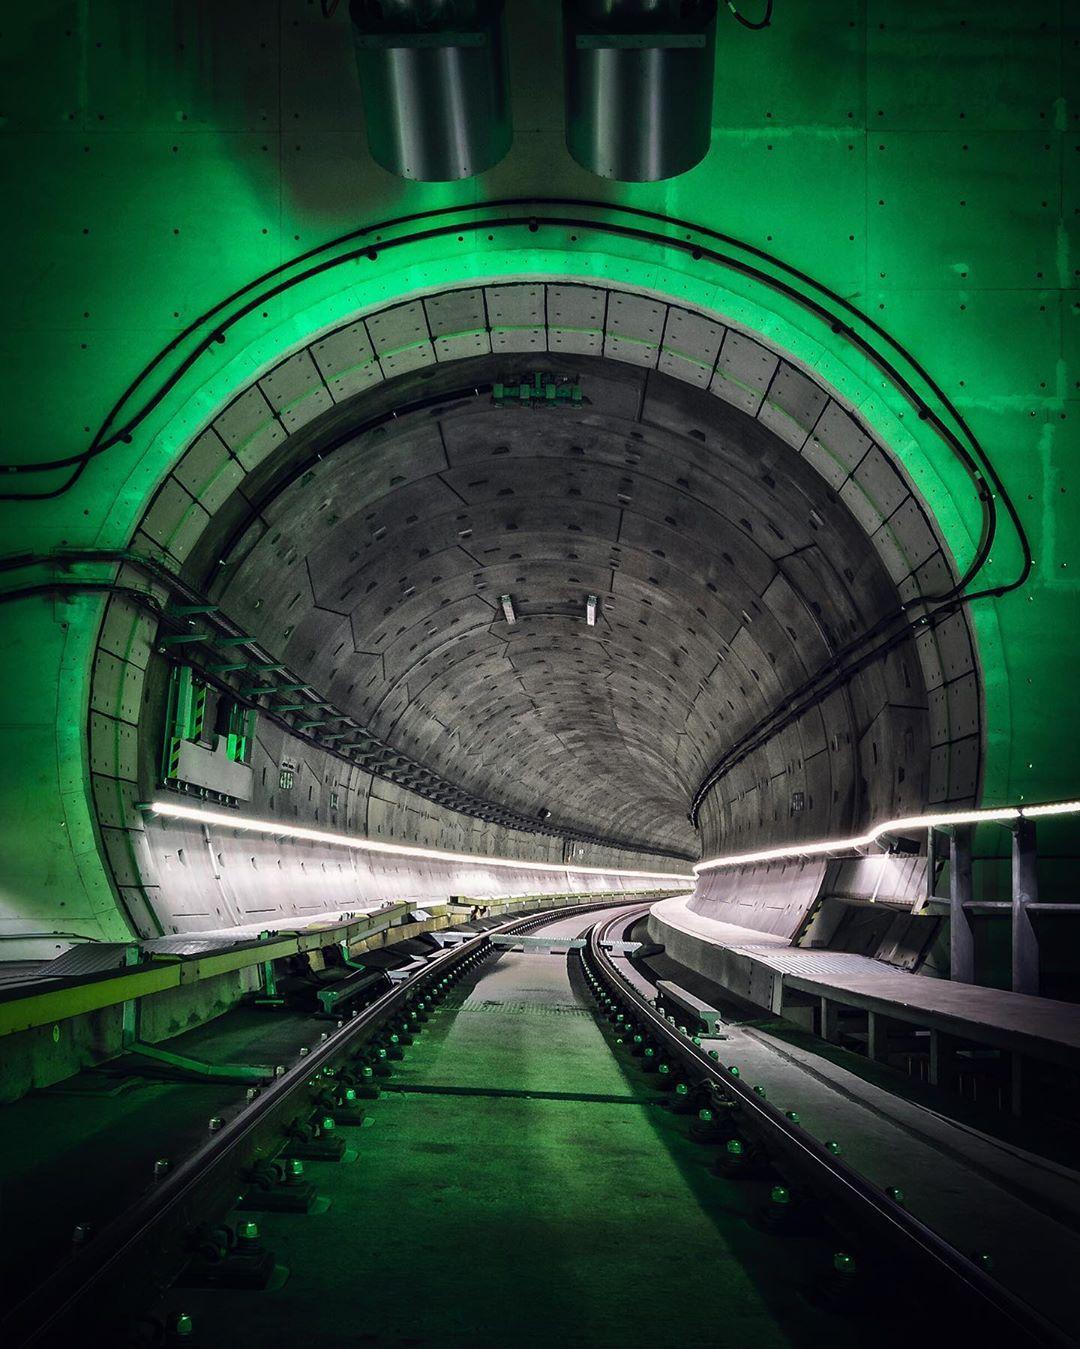 «Тёмная сторона» городов на концептуальных снимках Йеруна ван Дама